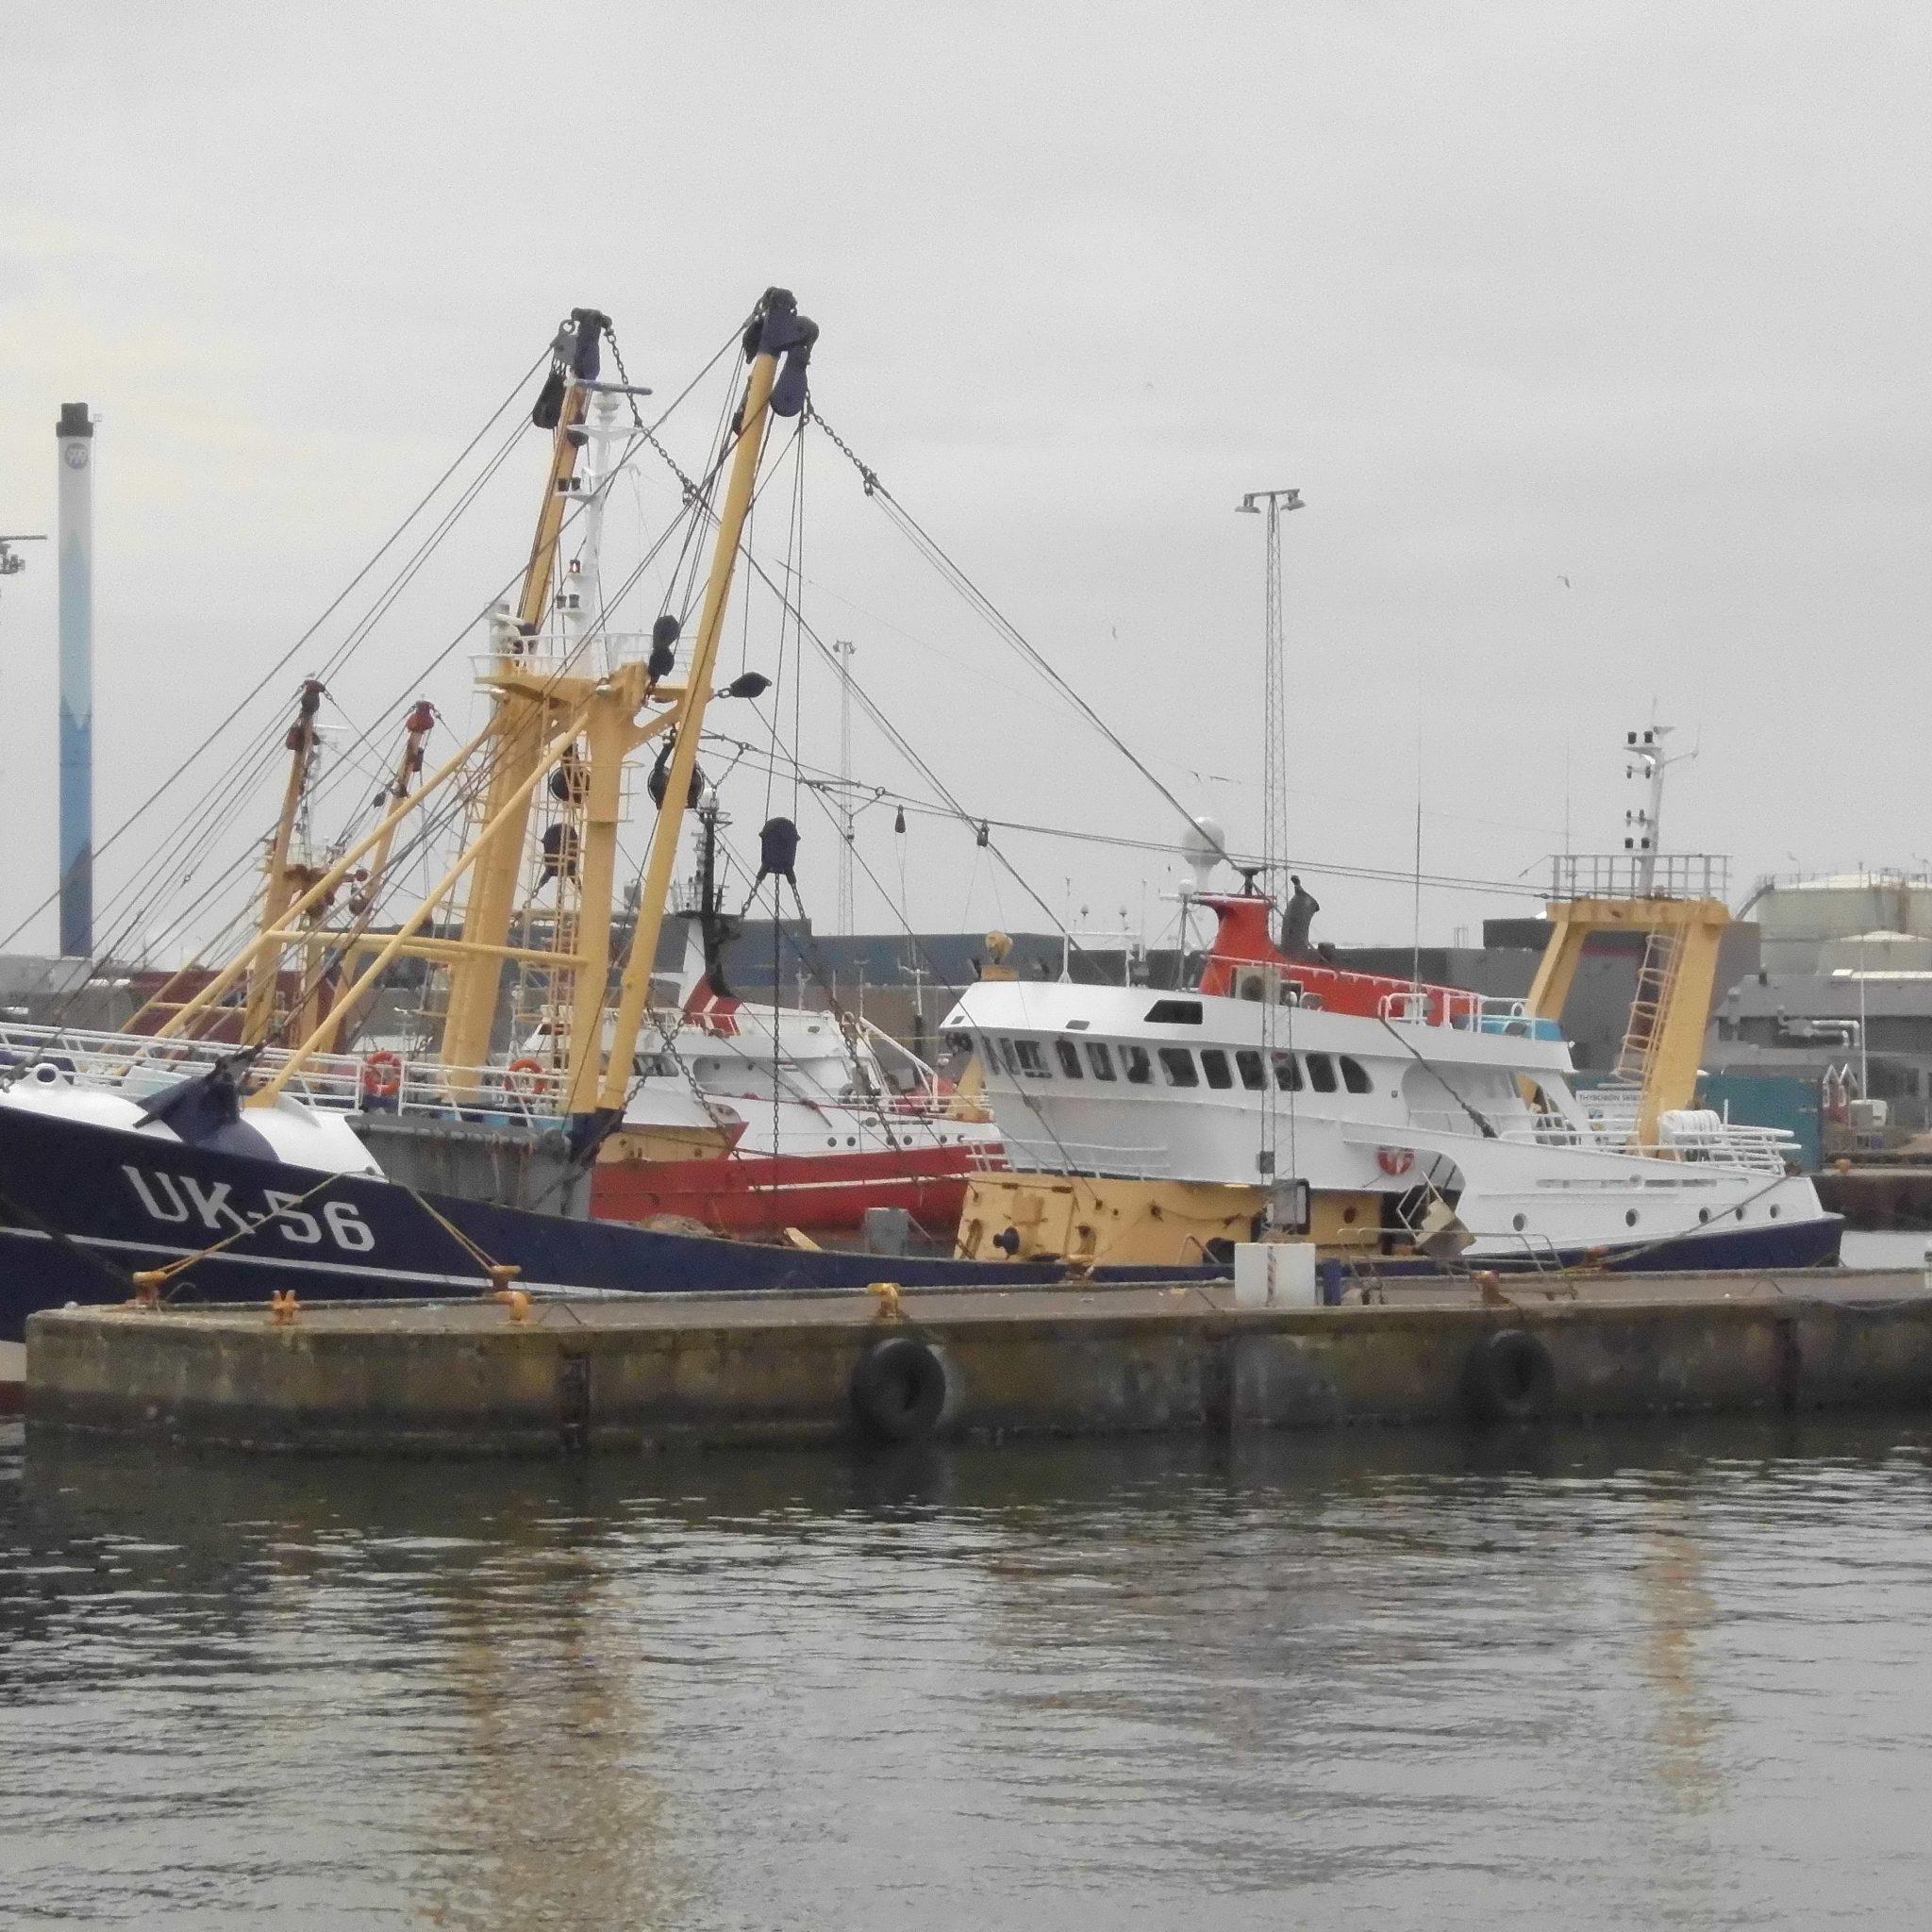 De bokker UK-56, met daarachter meerdere Hollandse boomkorkotters, in de haven van het Deense Thyborøn. (F0to W.M. den Heijer)